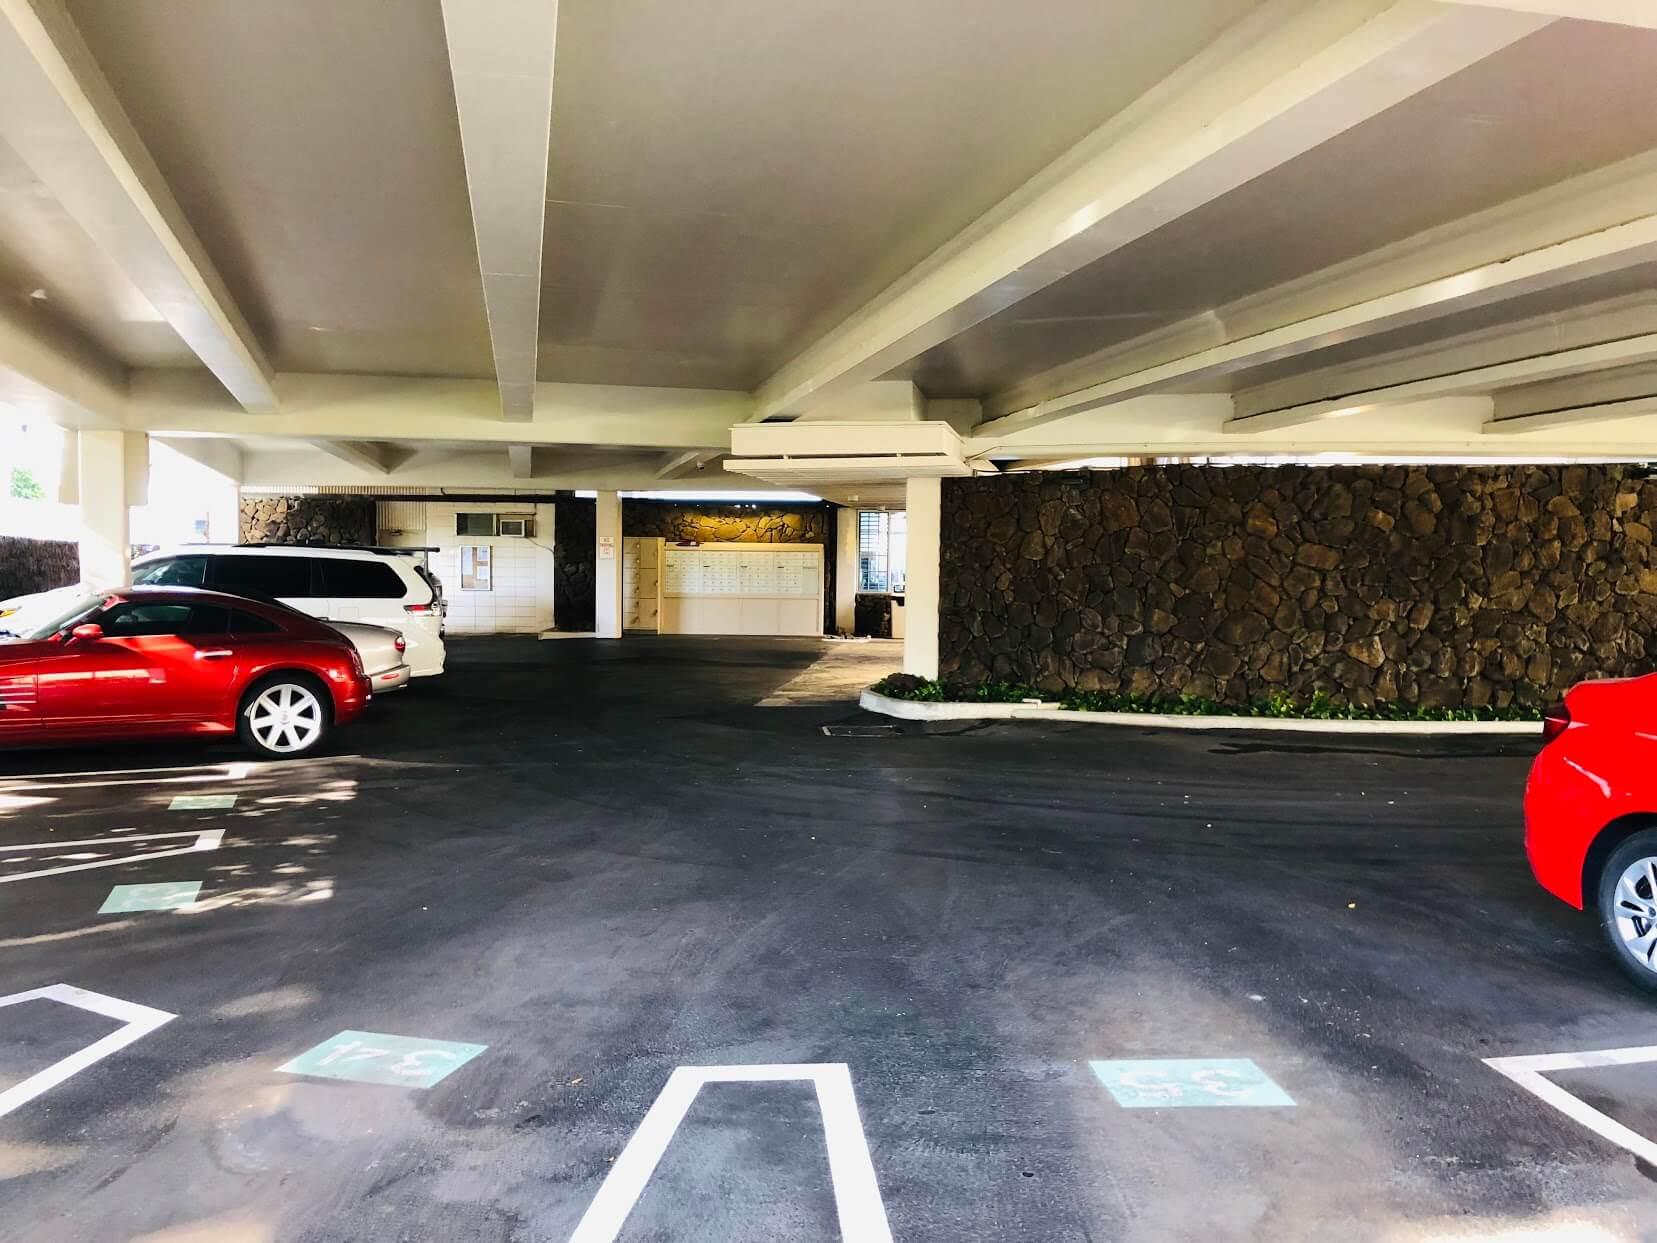 Sans Souciの駐車場